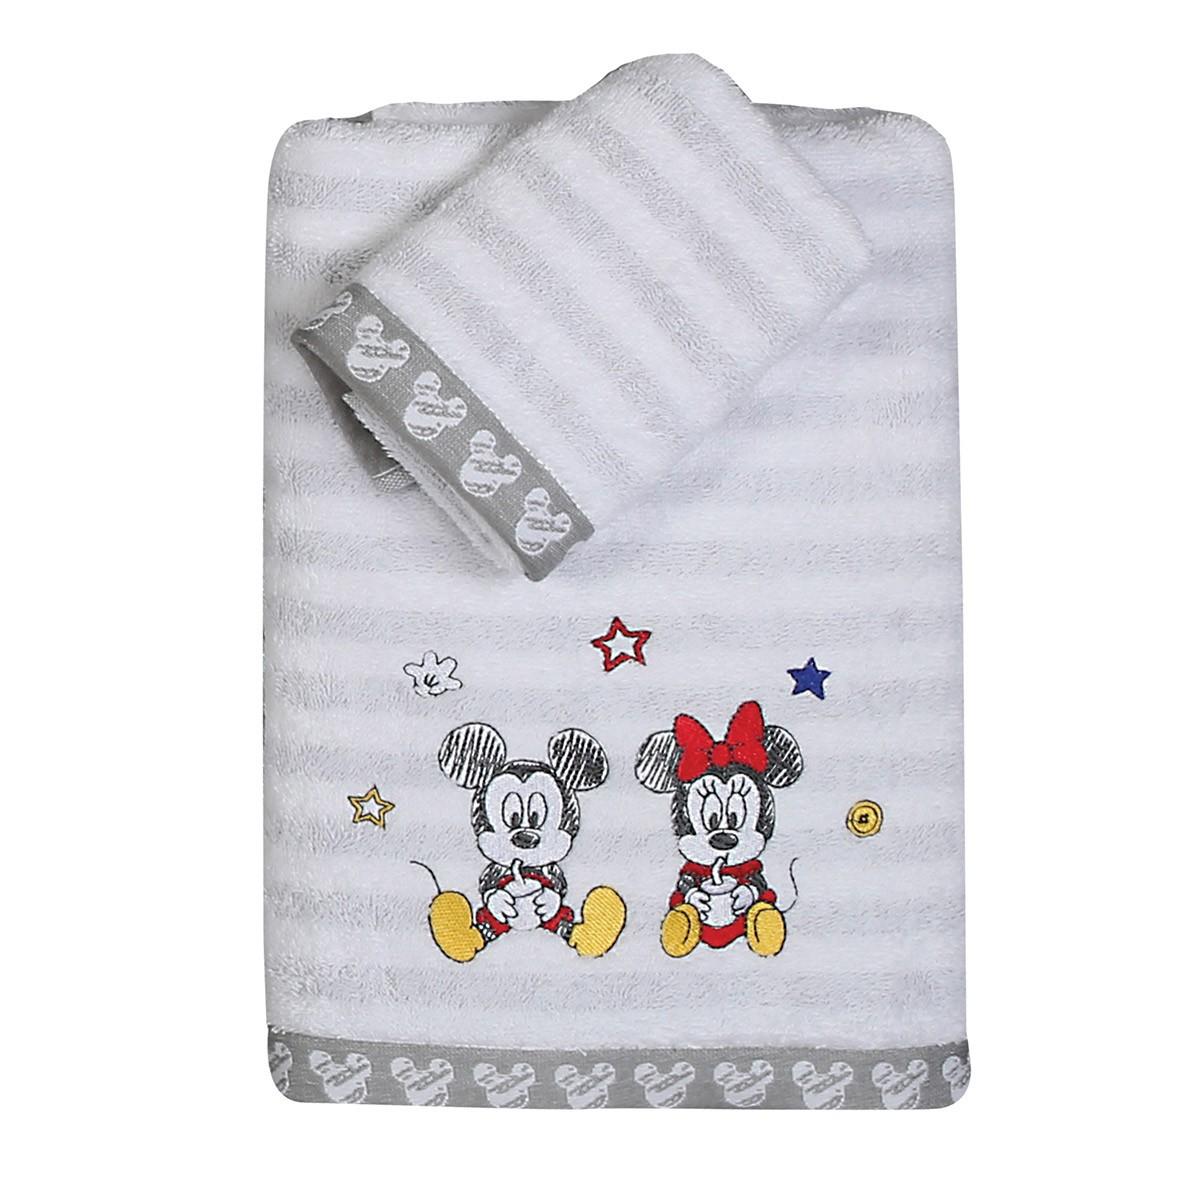 Βρεφικές Πετσέτες (Σετ 2τμχ) Nef-Nef Disney Mickey Best Friends